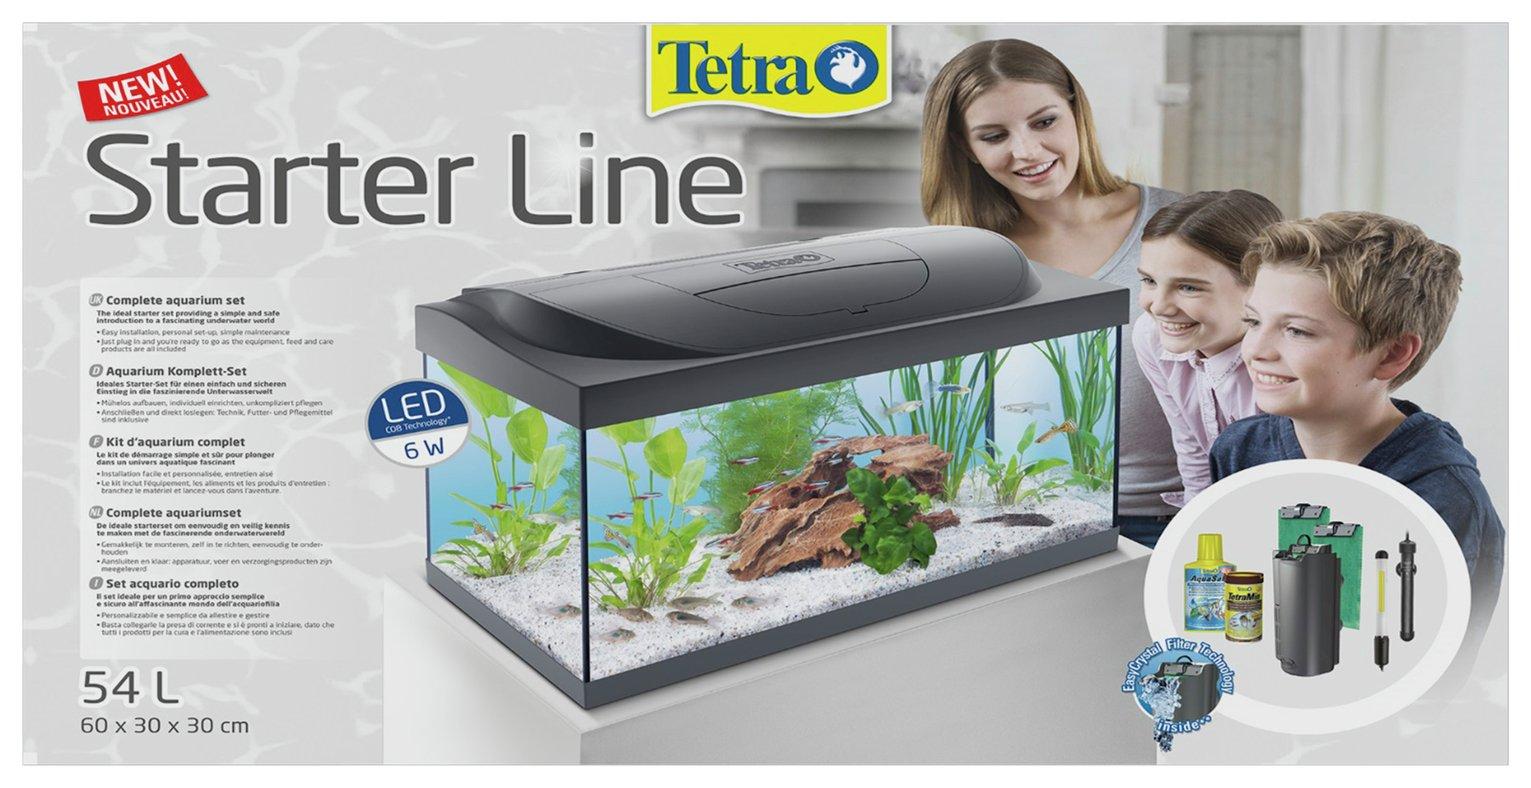 Tetra Starter Line LED 54 Litre Aquarium Set review